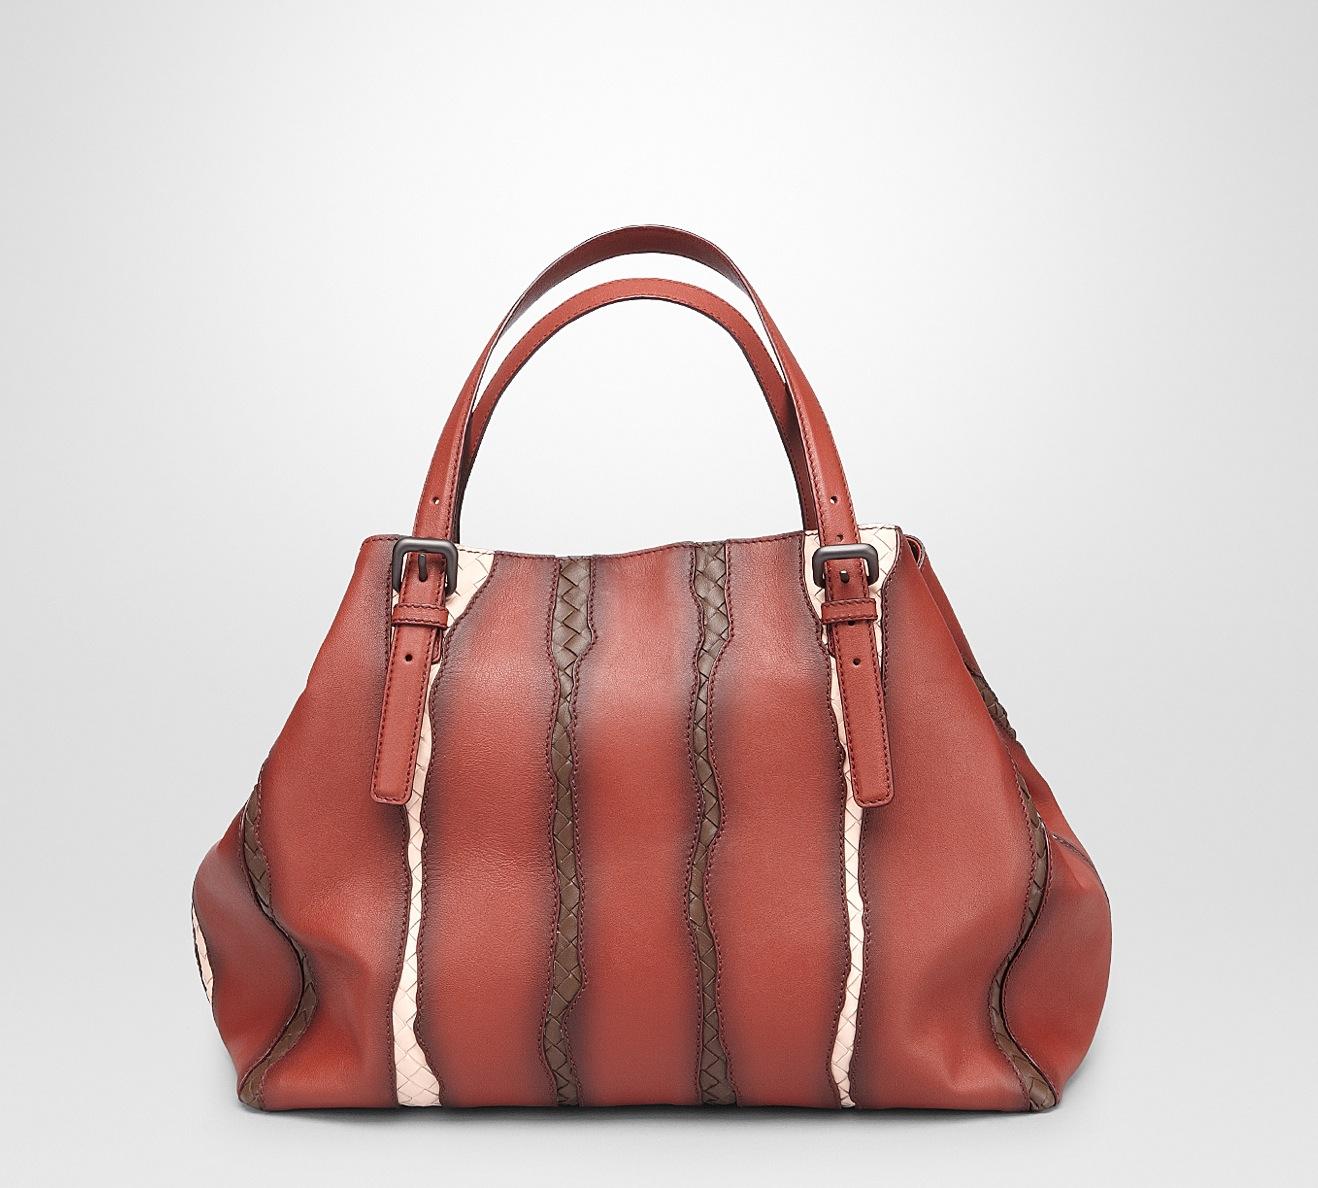 Bottega veneta cruise 2015 bag collection and new glimmer - Mobili bottega veneta ...